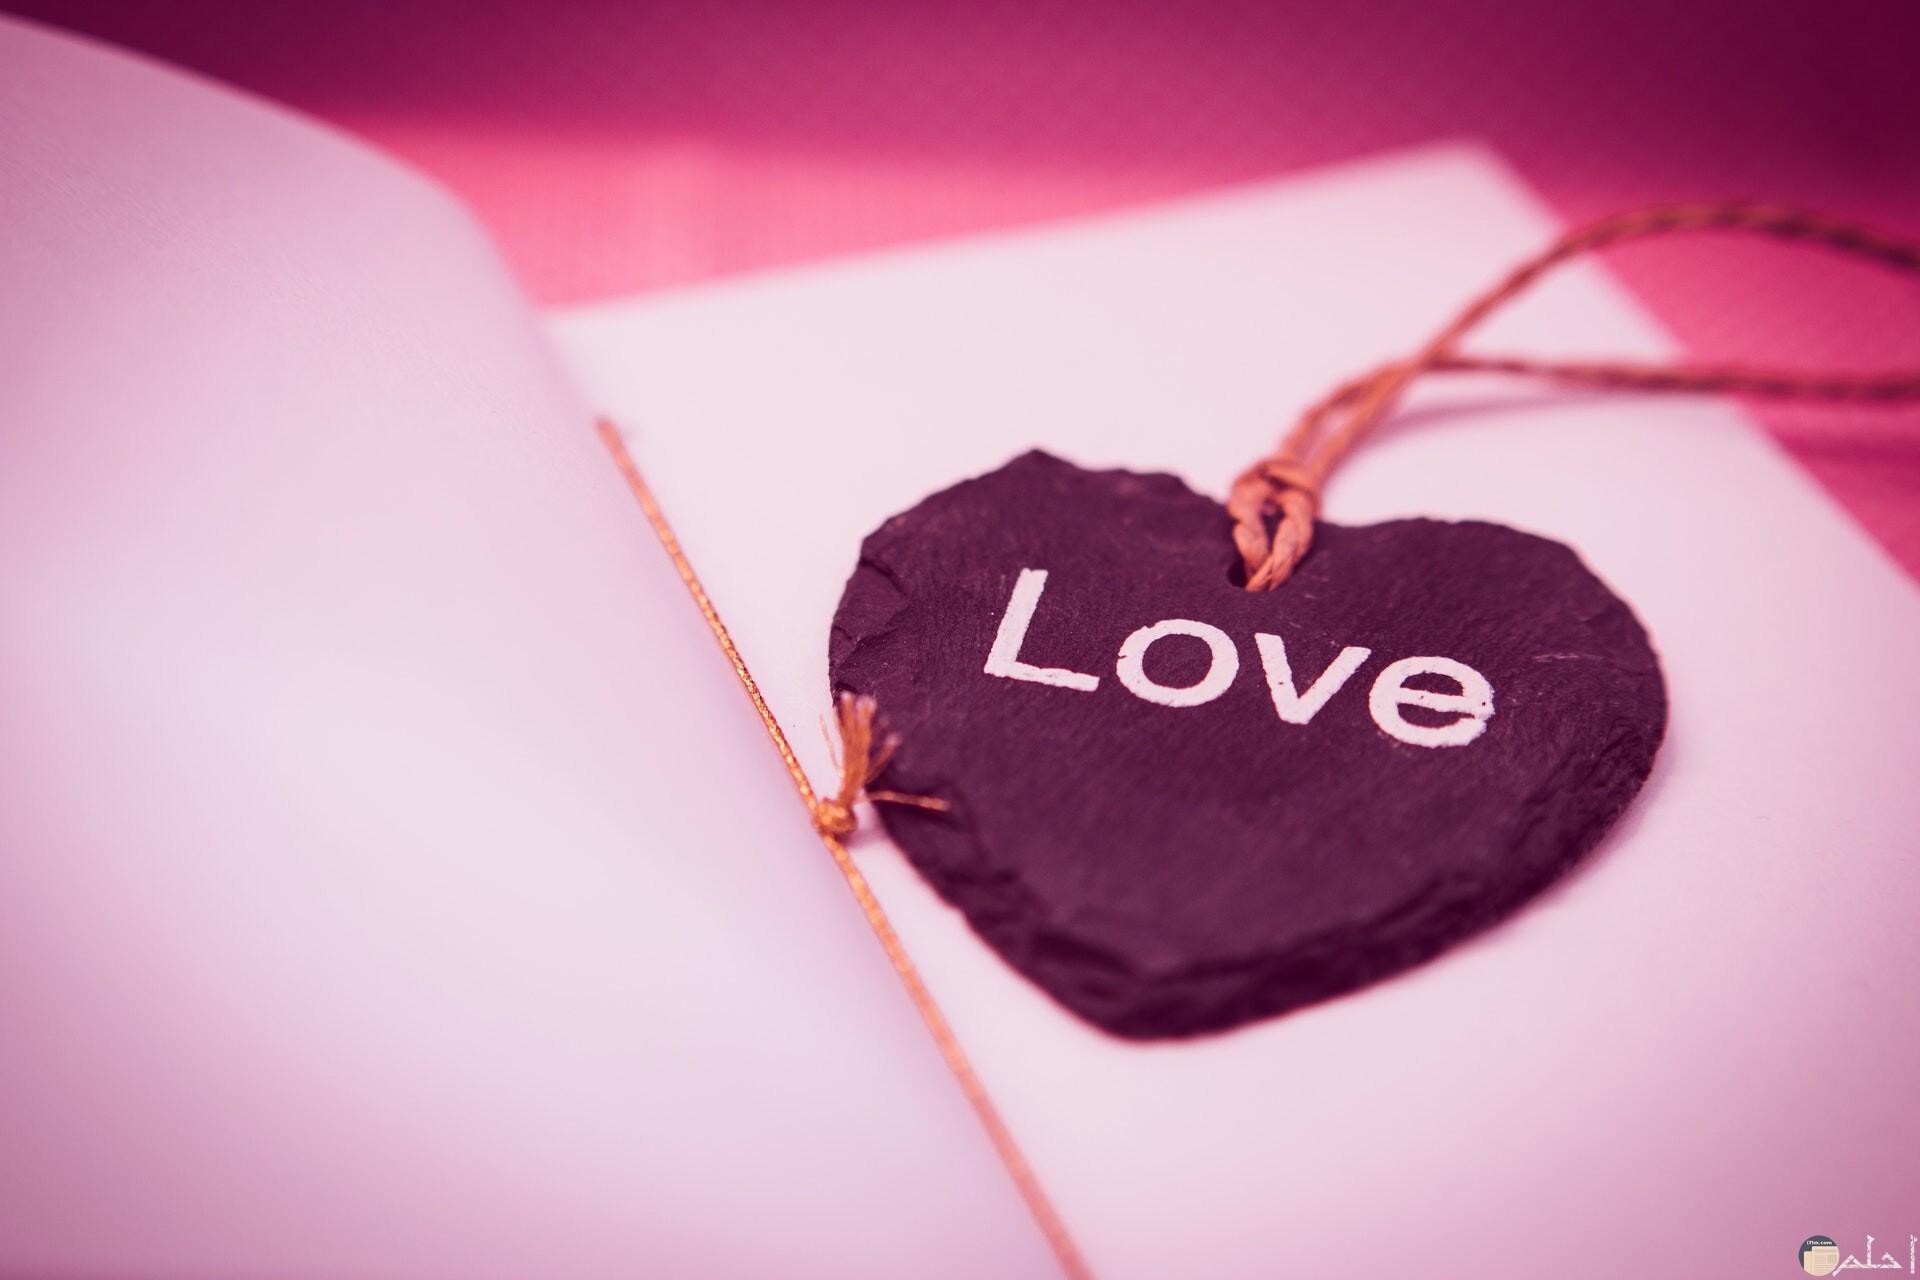 لعشاق البنفسجي و الموف، قلب مكتوب فيه Love